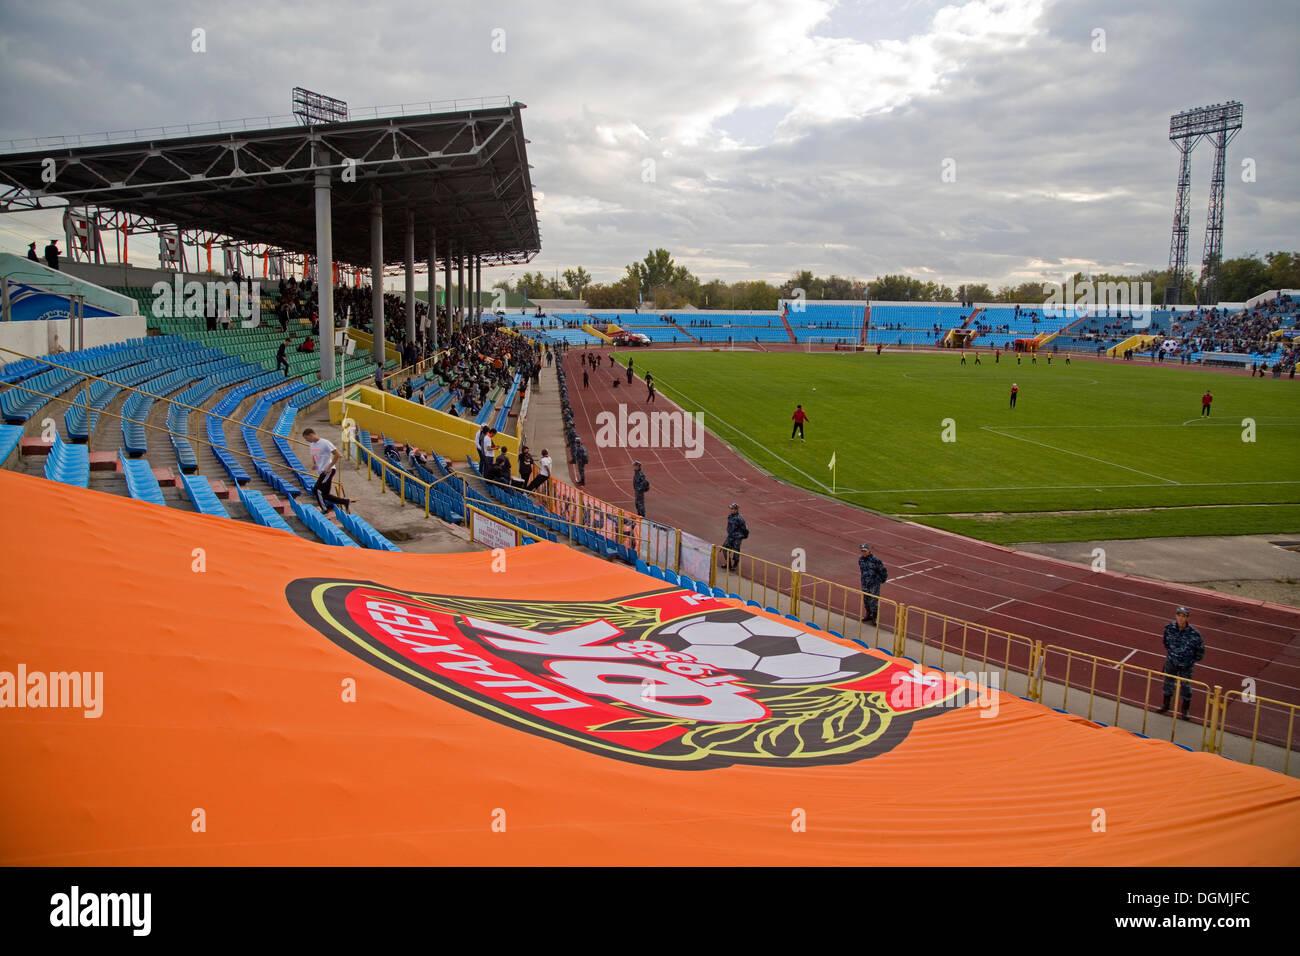 Stadium of Shakier, Karaganda, Kazakhstan - Stock Image